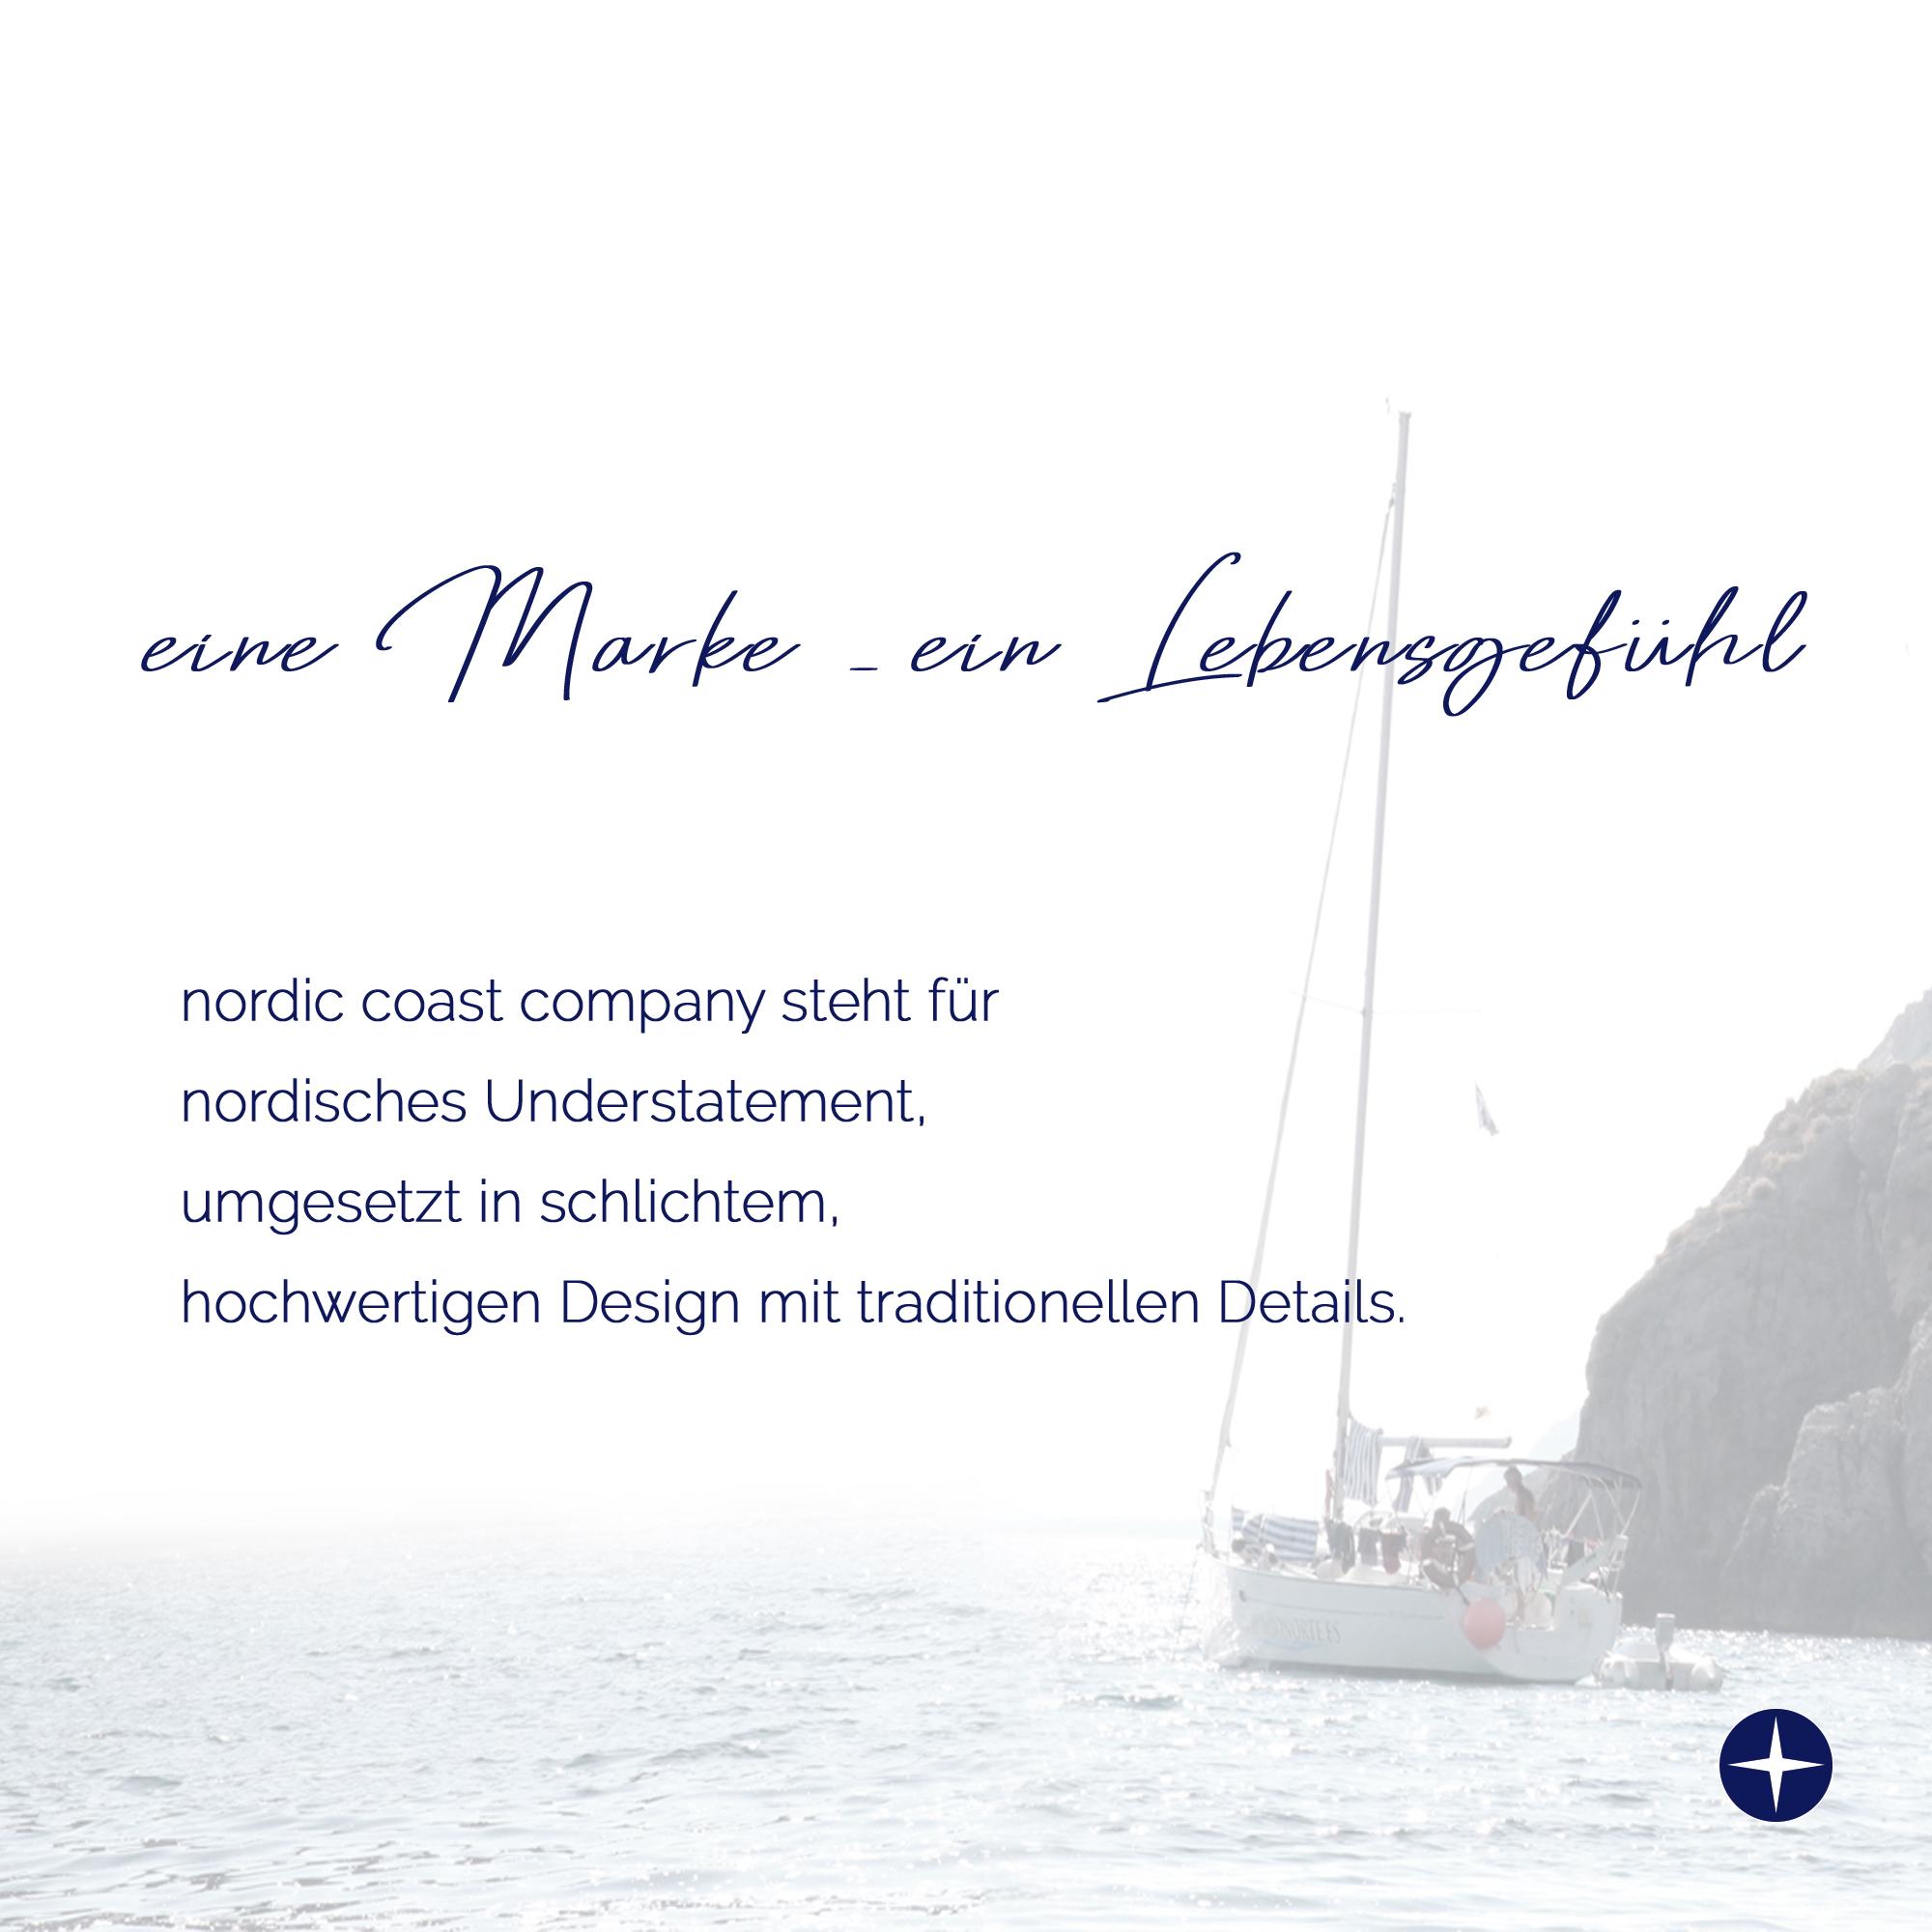 über_uns_mobile_banner